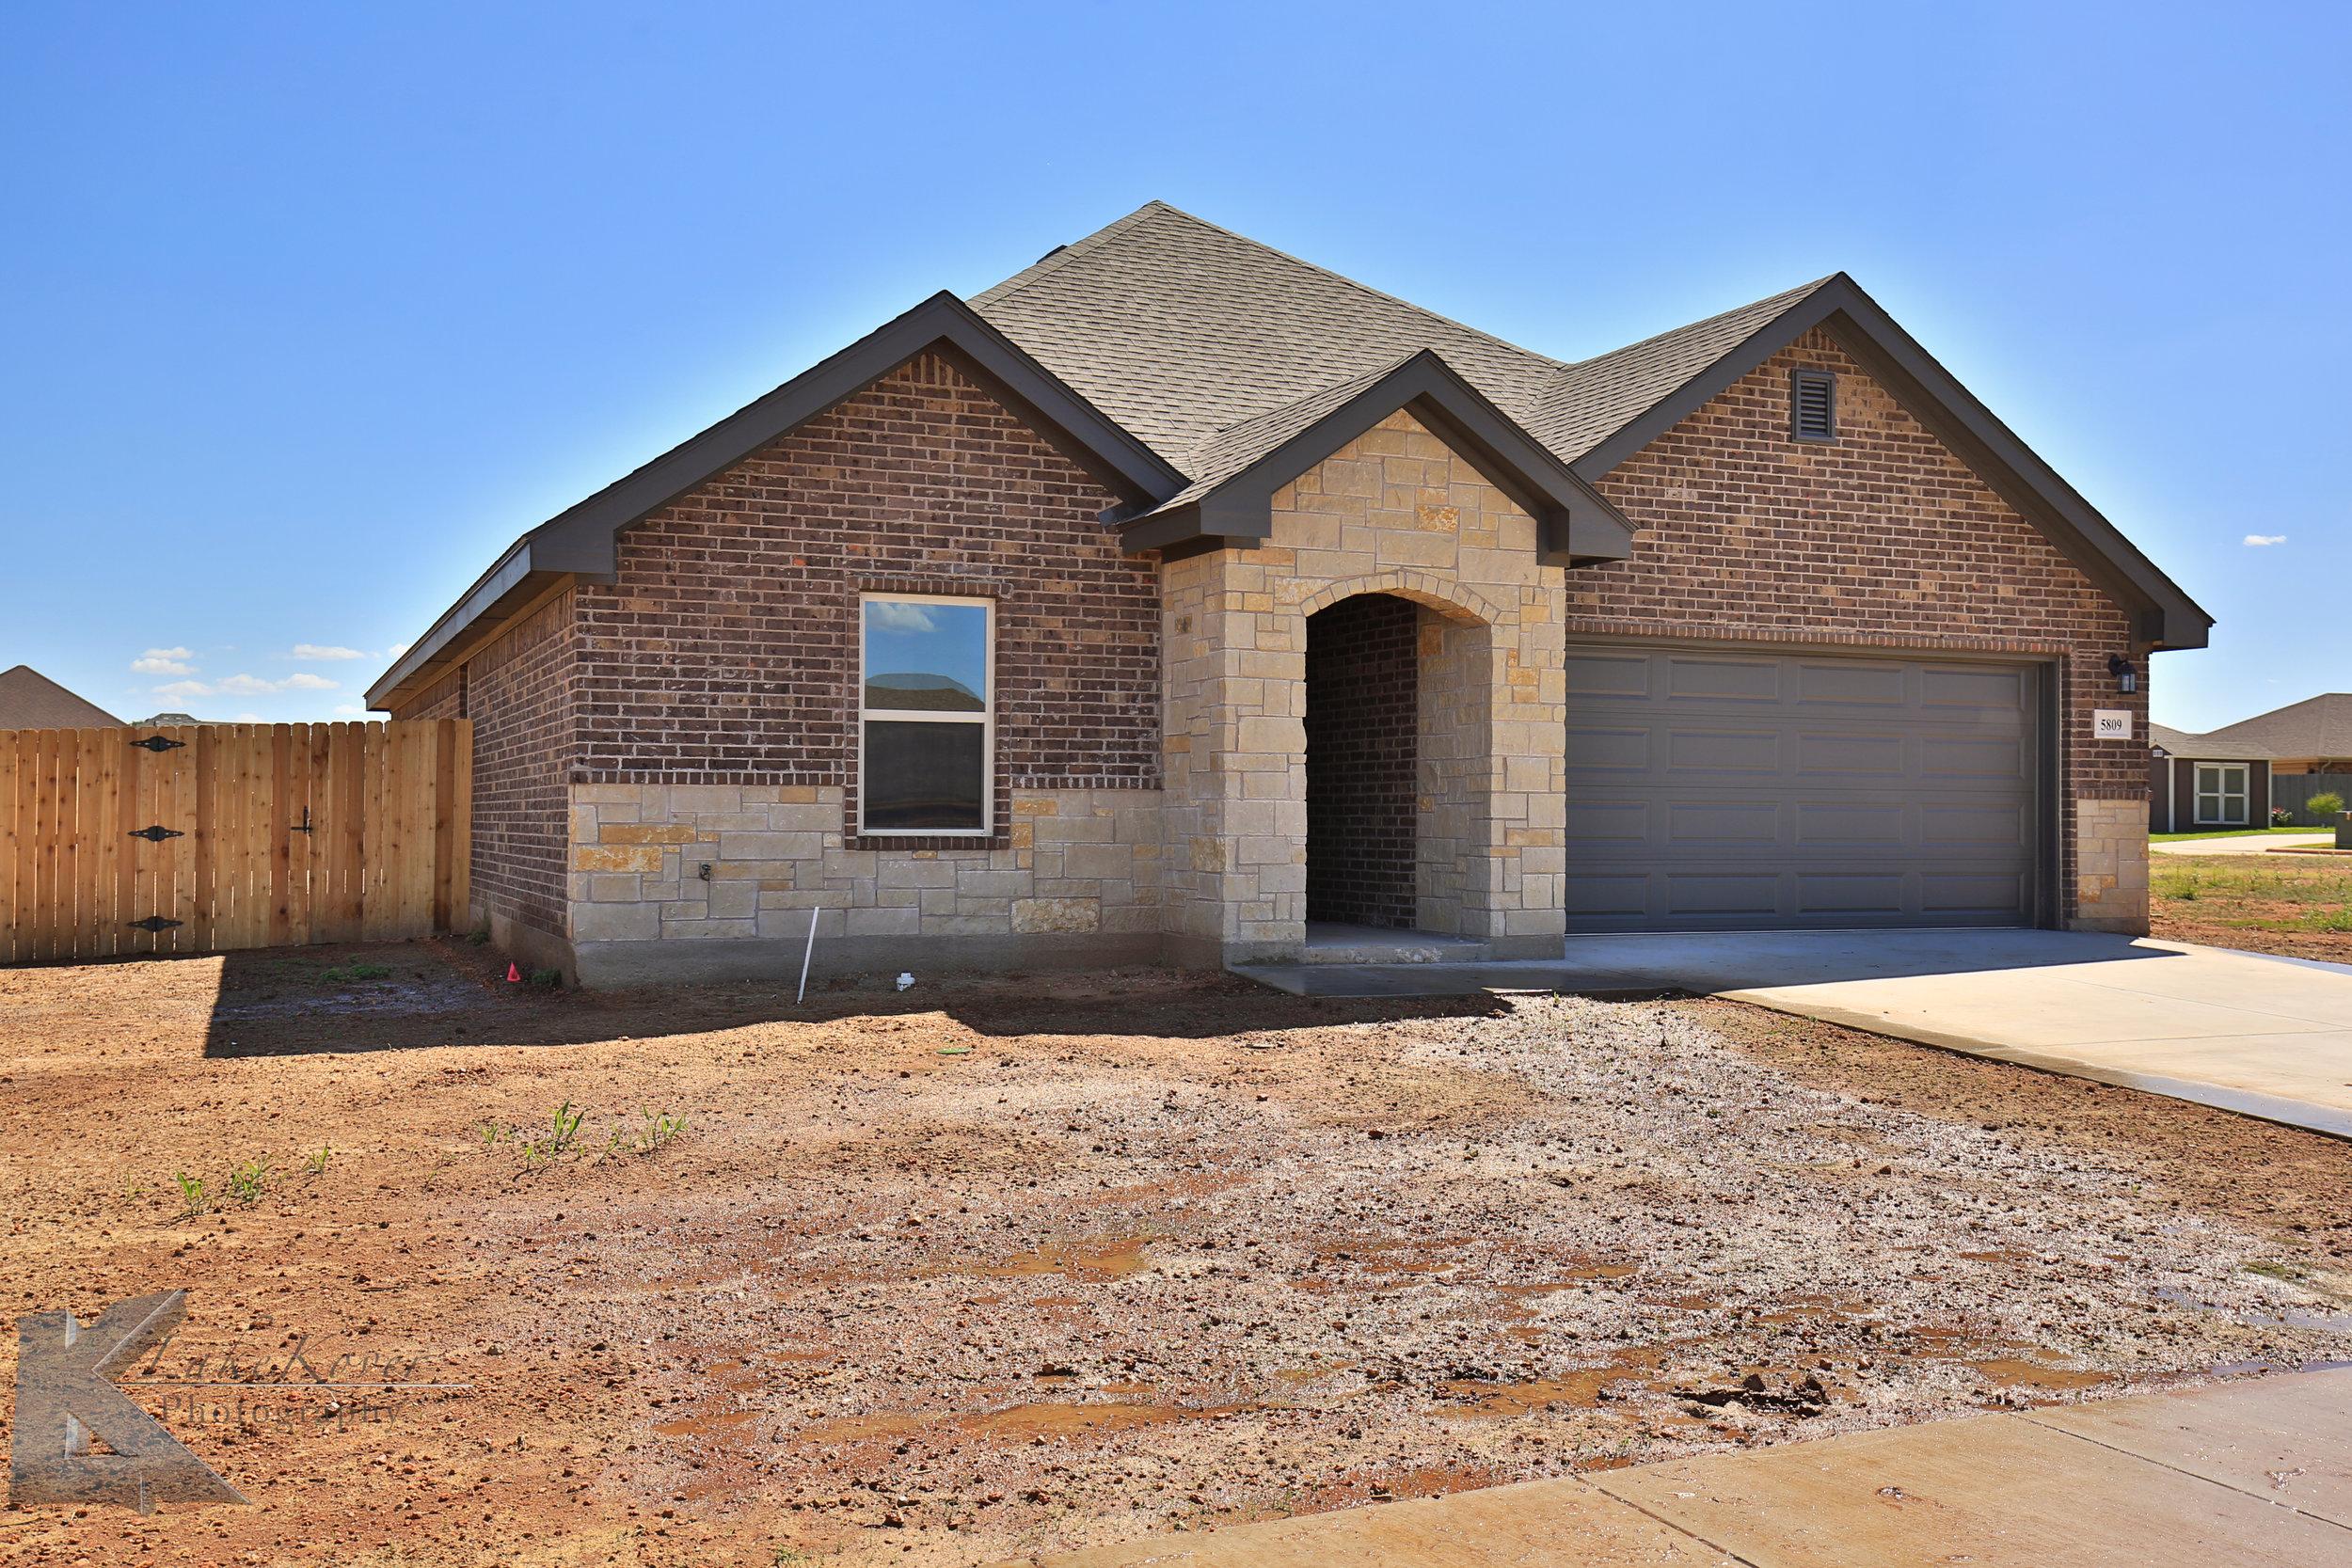 5809 Butterfield Meadows Parkway, Abilene, Texas, Kyle Paul Construction Custom Home Builder